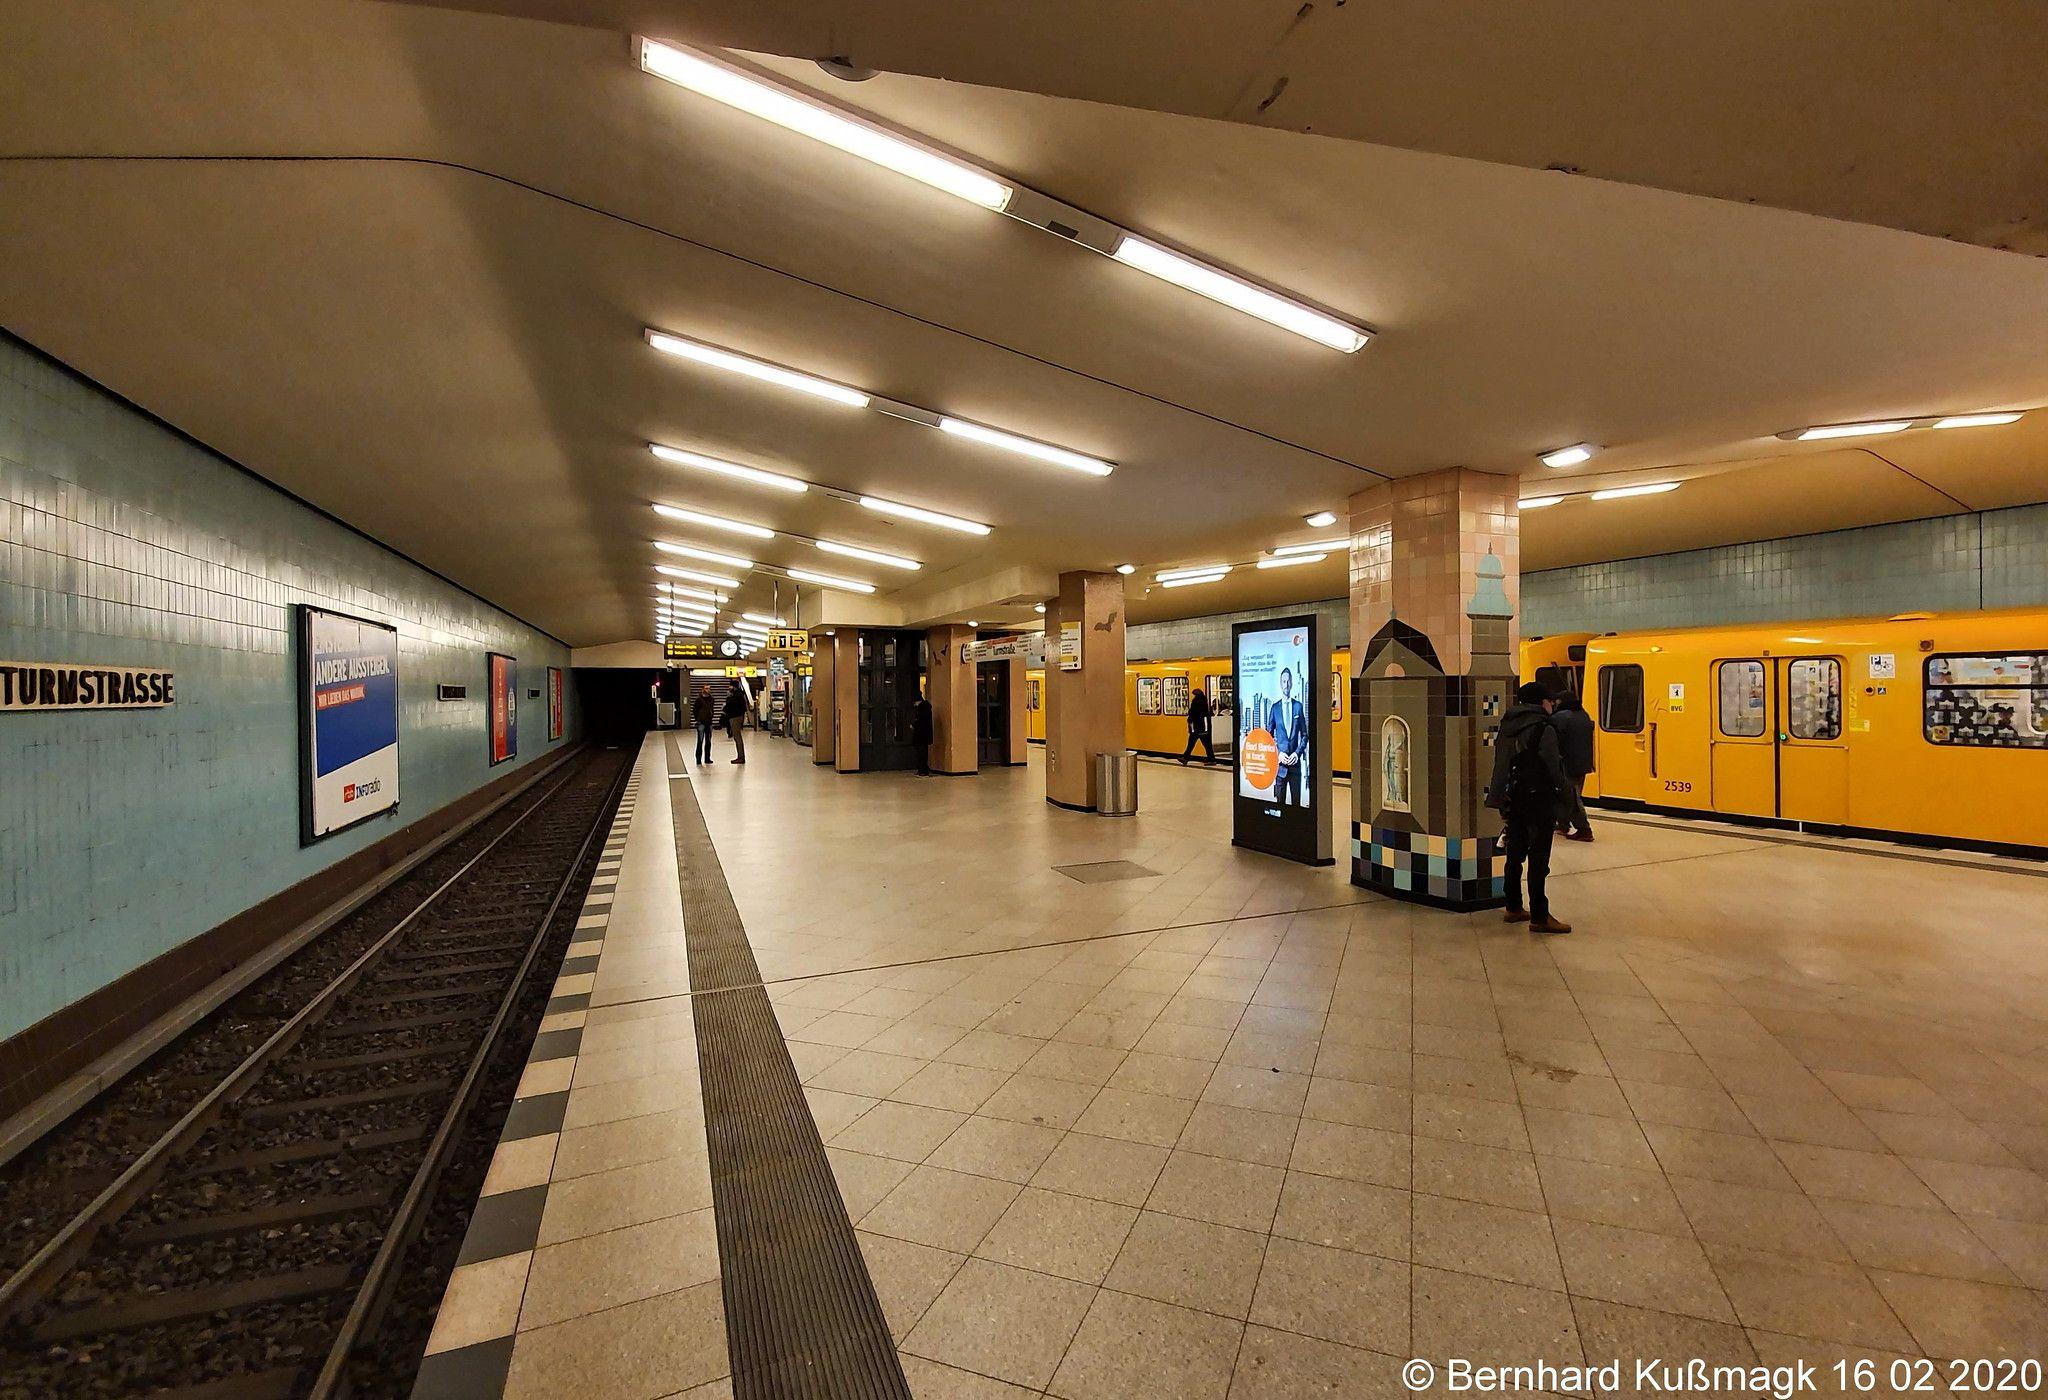 Europa Deutschland Berlin Mitte Tiergarten Moabit U Bahnhof Turmstrasse U Bahn Linie U9 In 2020 Berlin Underground Deutschland